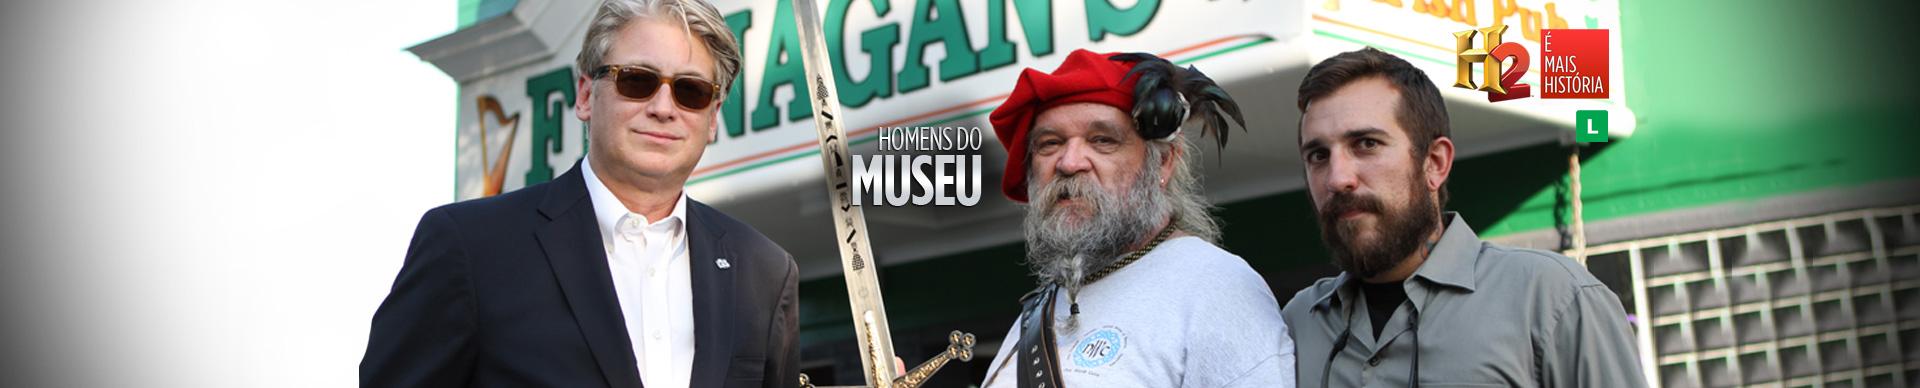 HOMENS DO MUSEU